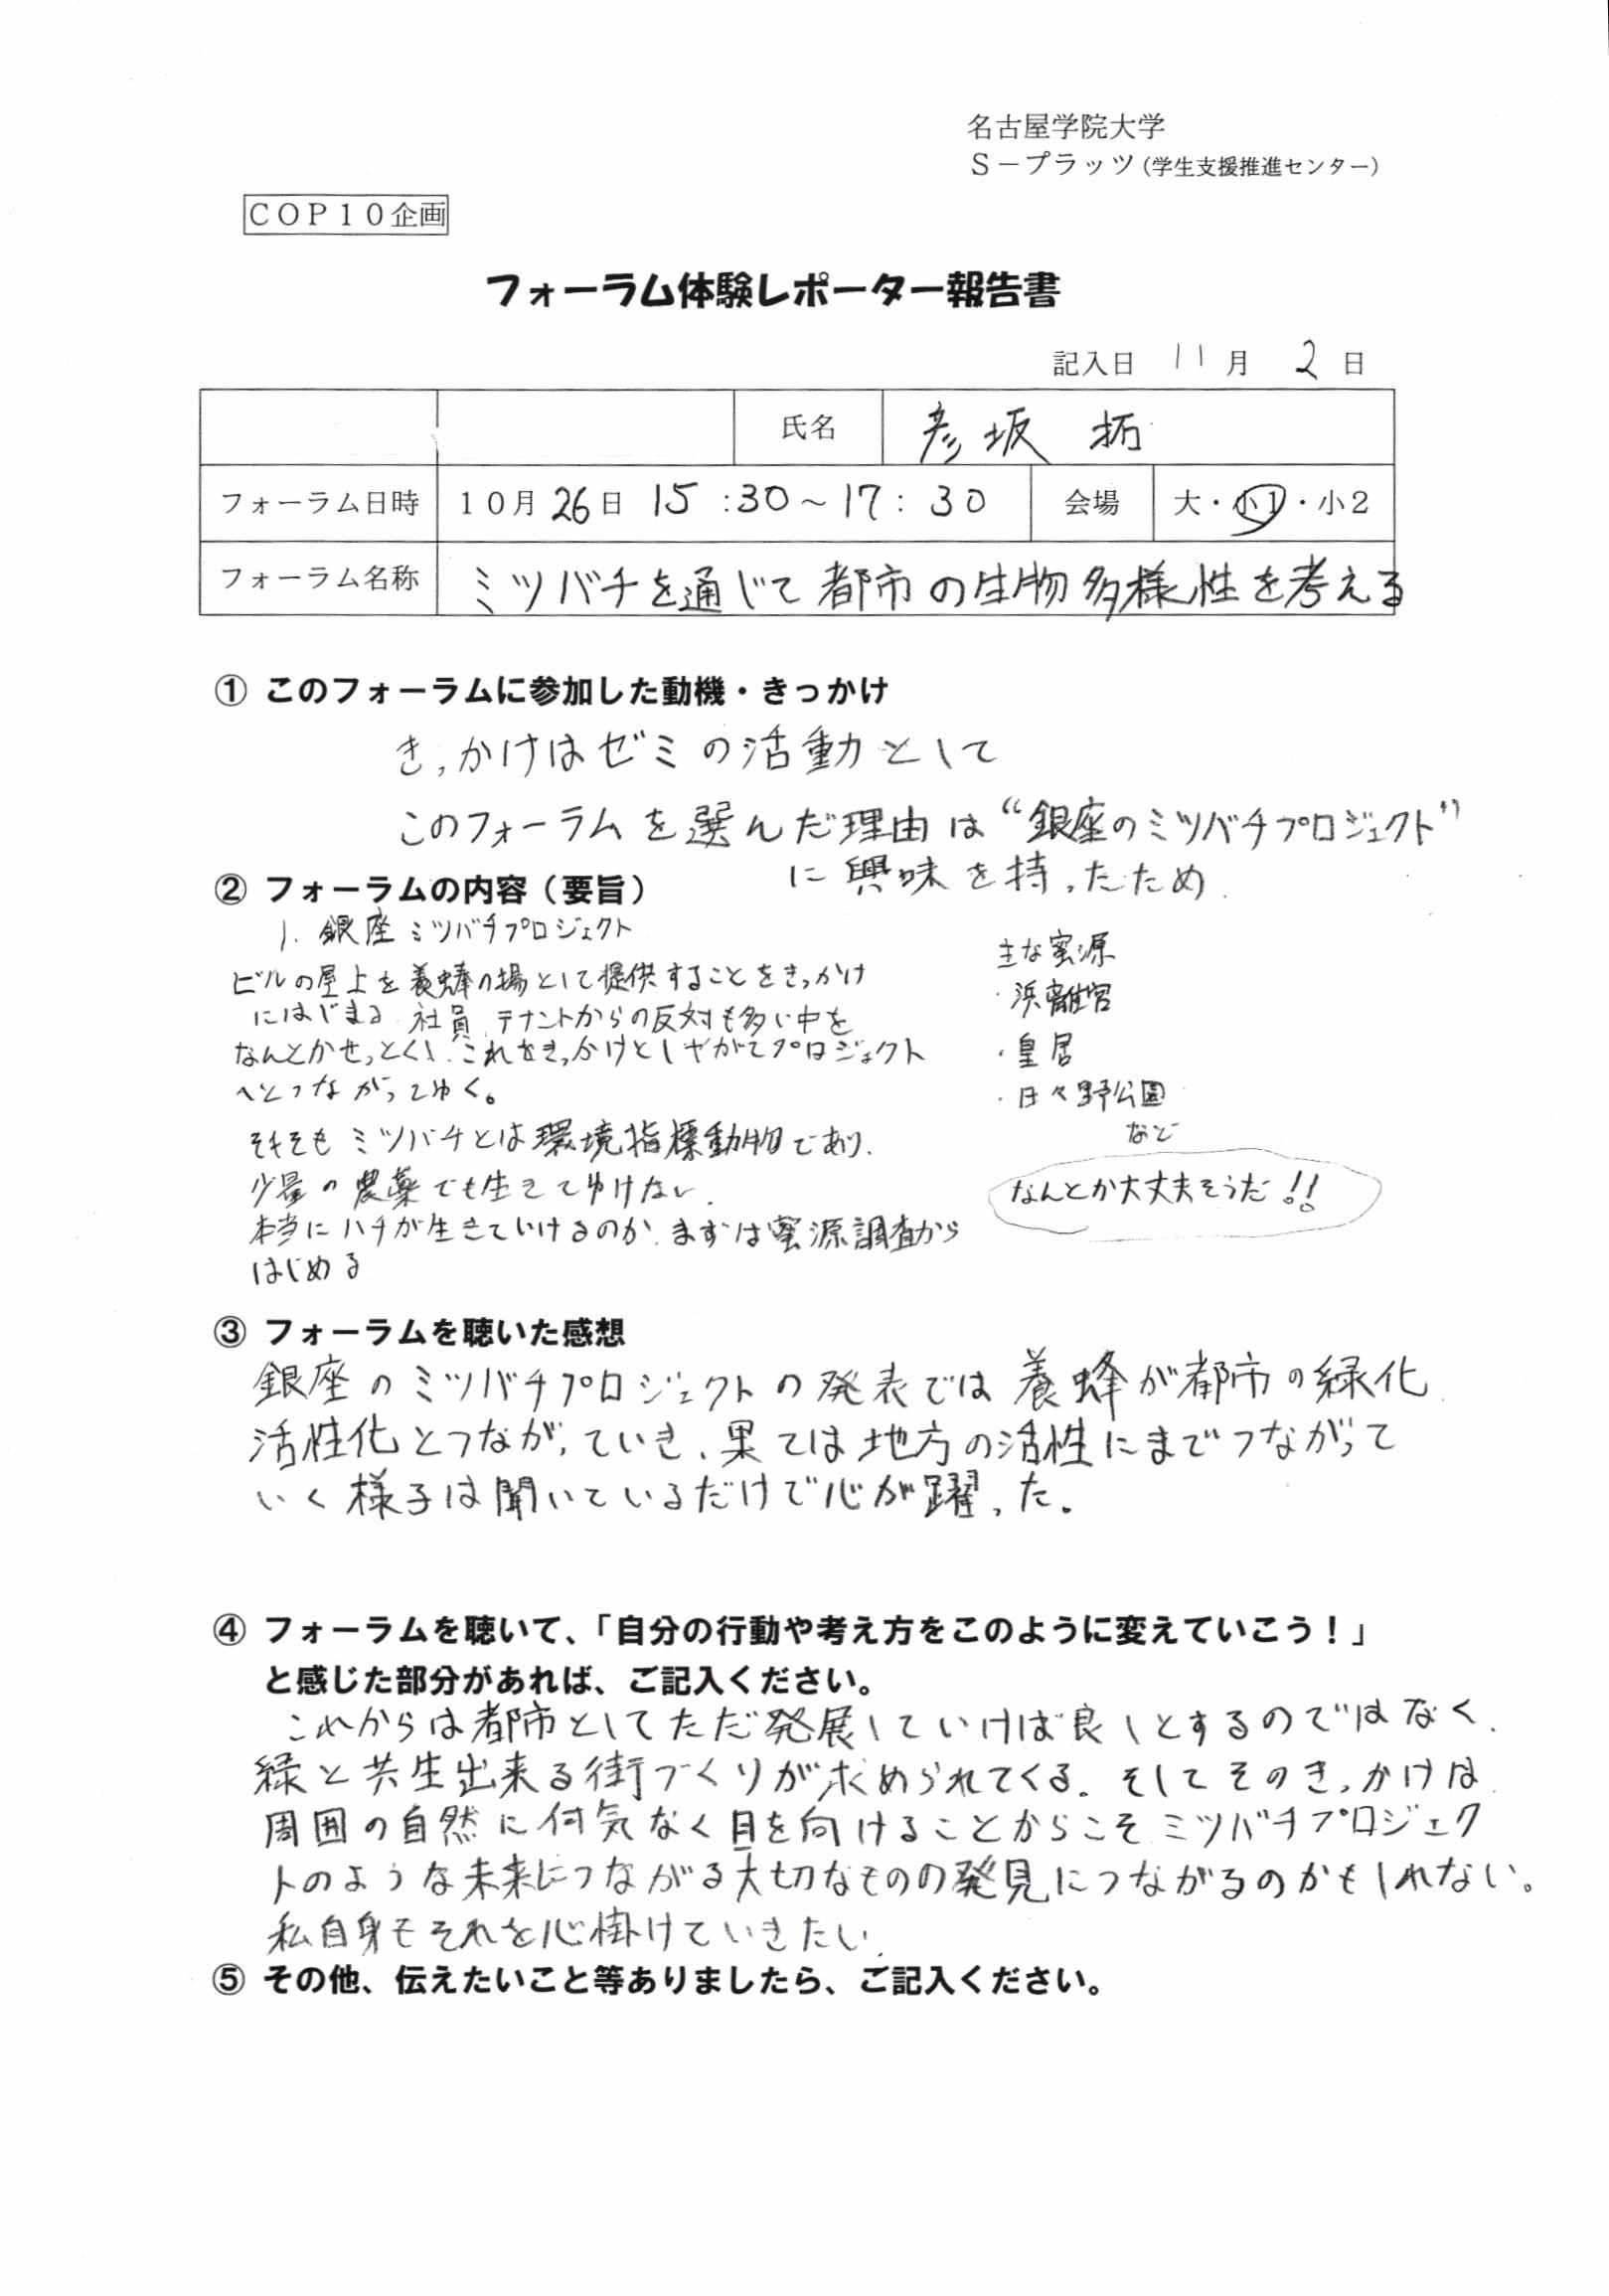 フォーラム体験レポーター報告彦坂